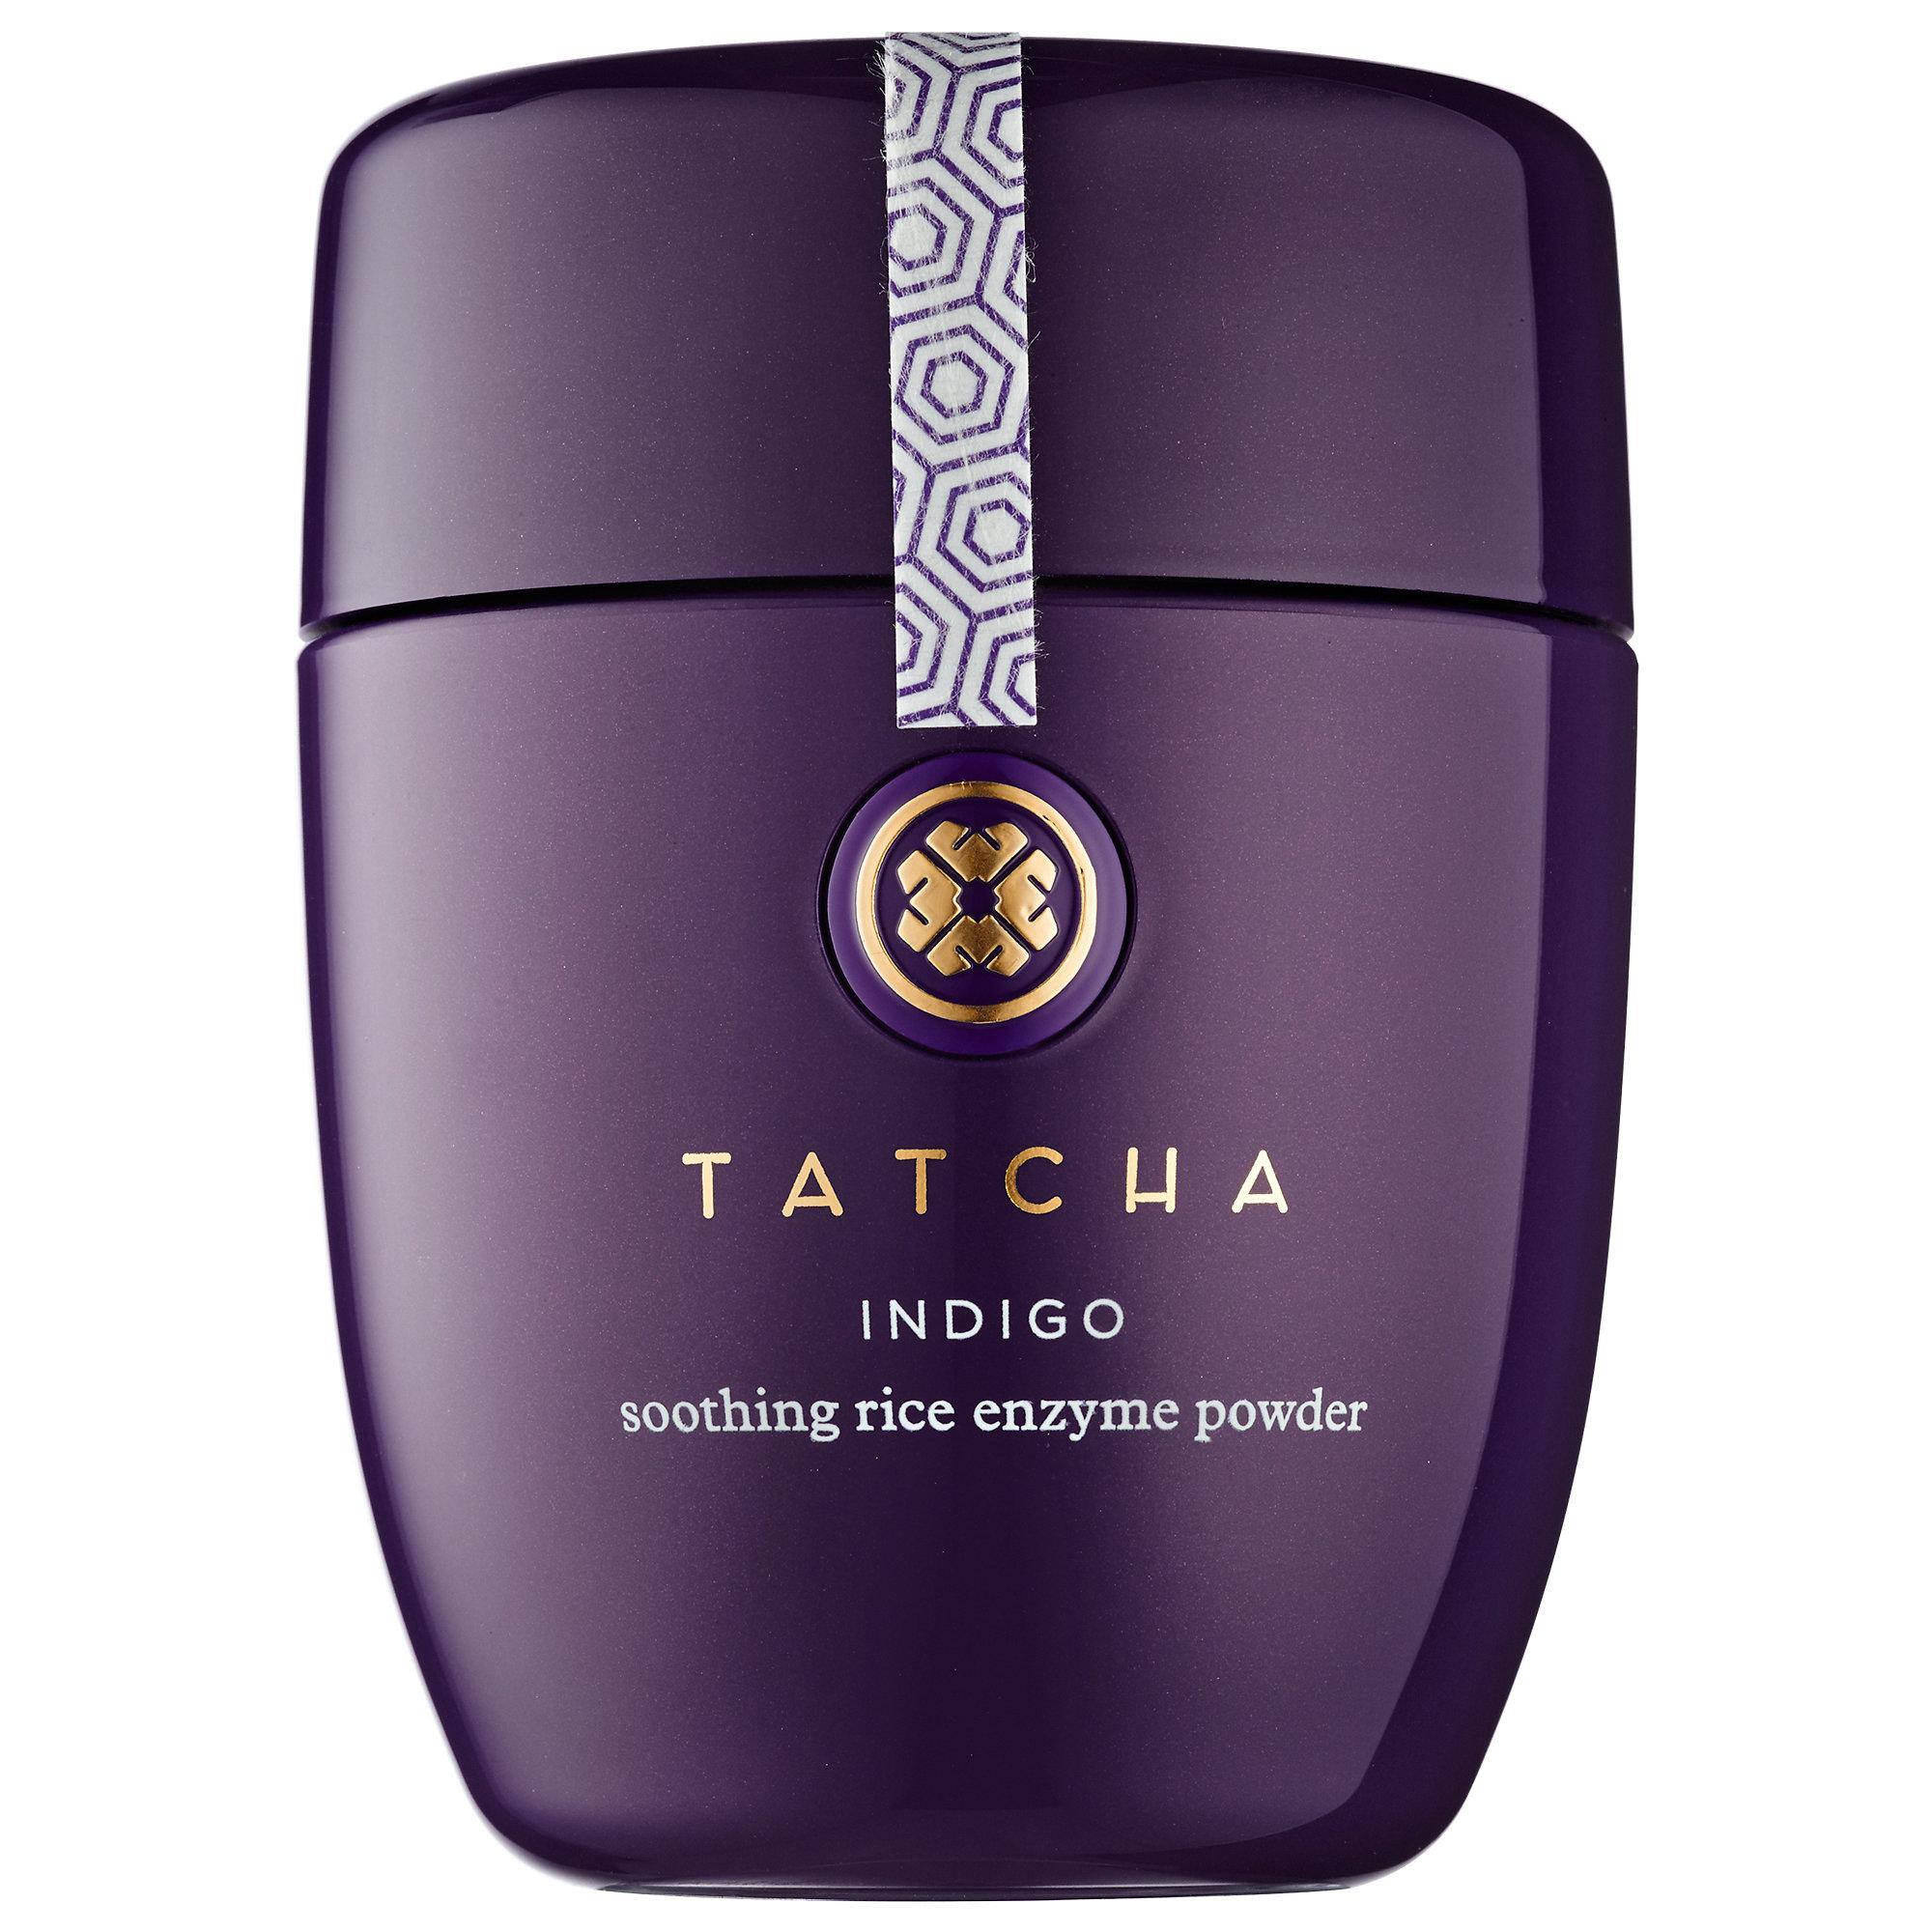 TATCHA   Indigo Soothing Rice Enzyme Powder;   $65